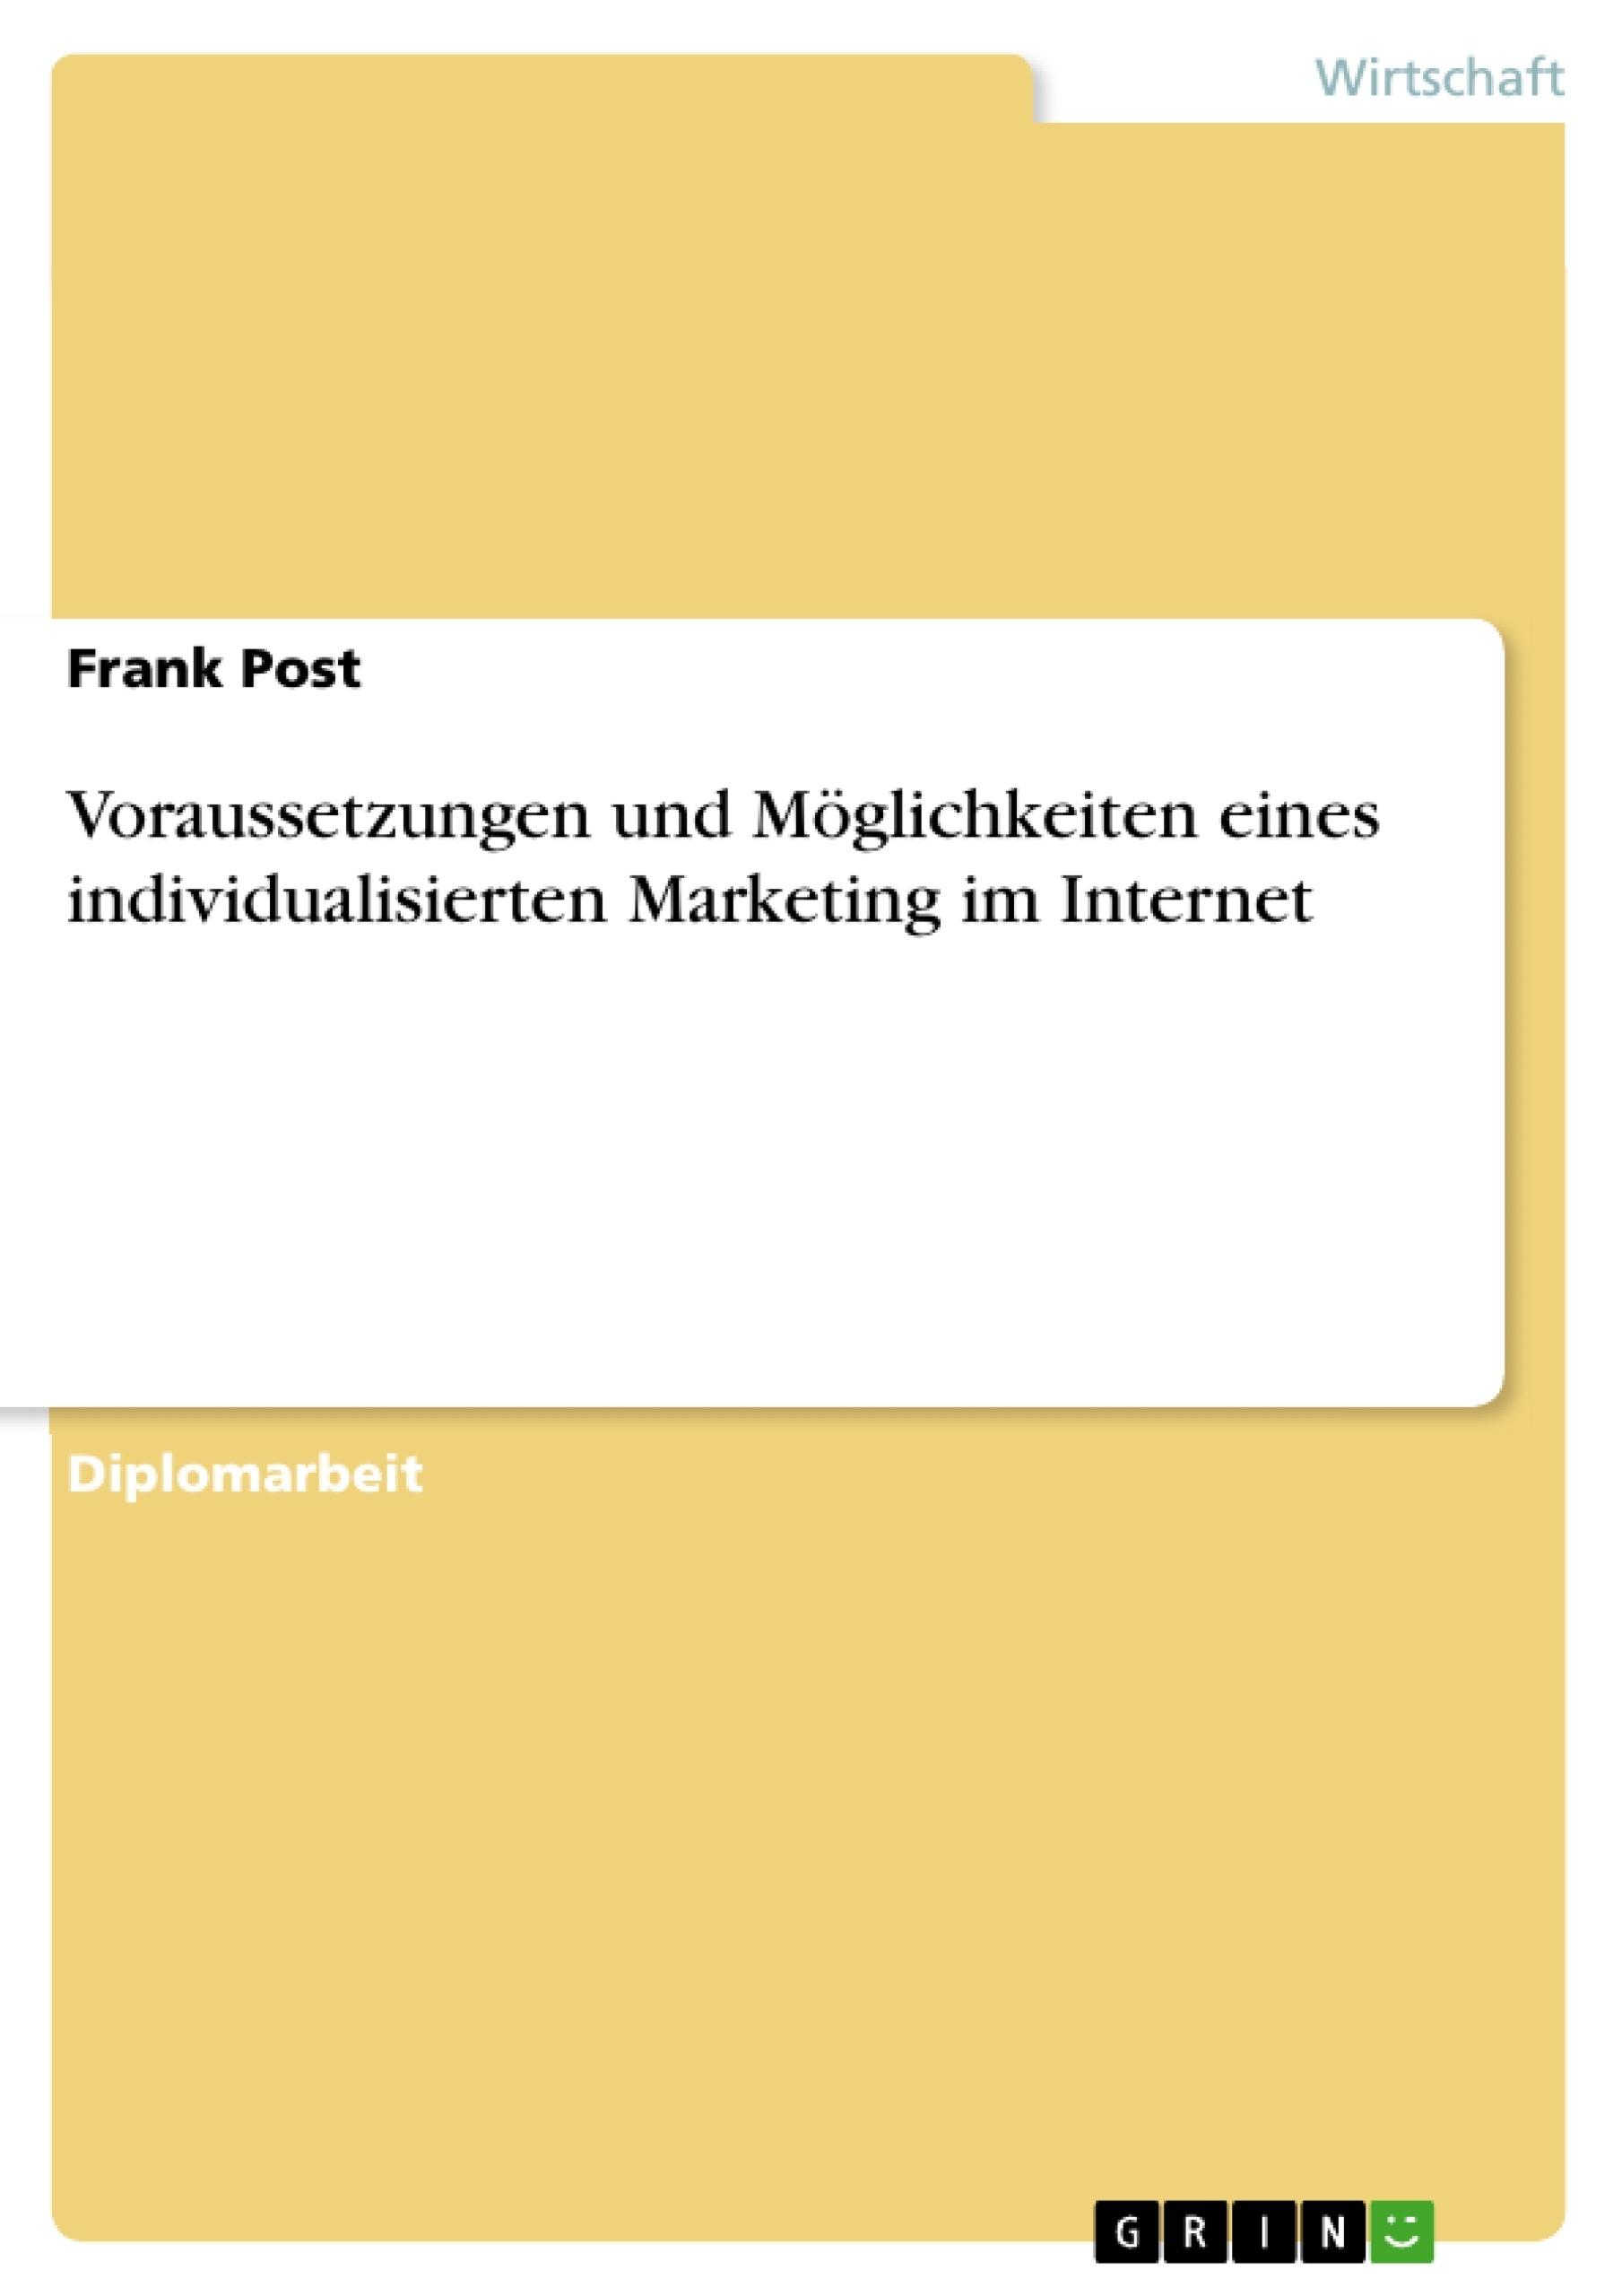 Titel: Voraussetzungen und Möglichkeiten eines individualisierten Marketing im Internet